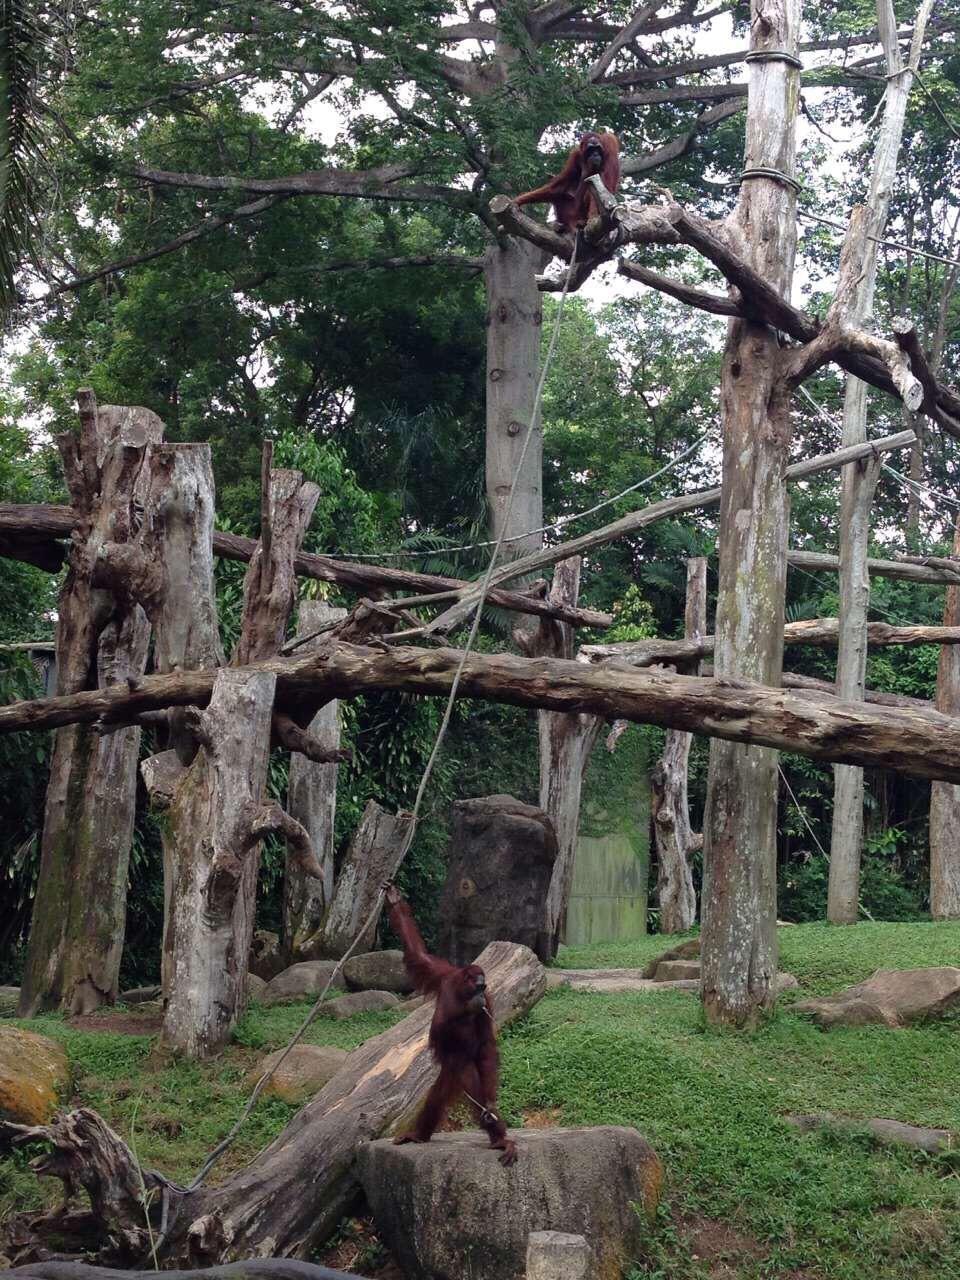 新加坡动物园+river Safari!动物园正规正矩,但是,景色太美了!!!园内免费的摆渡车比较方便,肯德基等餐厅也是物美价廉,没有高价情况出现,标价和市内的店一样 。 还有和人亲近的猴子,精彩演出,时不时来的一场暴雨。整个氛围十分欢乐!      雨后去了river Safari坐着船看着海上小岛的长颈鹿和大象,原来还有这种观光方法,比野生动物园安全,比普通动物园精彩!没能去夜间飞禽那里玩儿比较遗憾。总